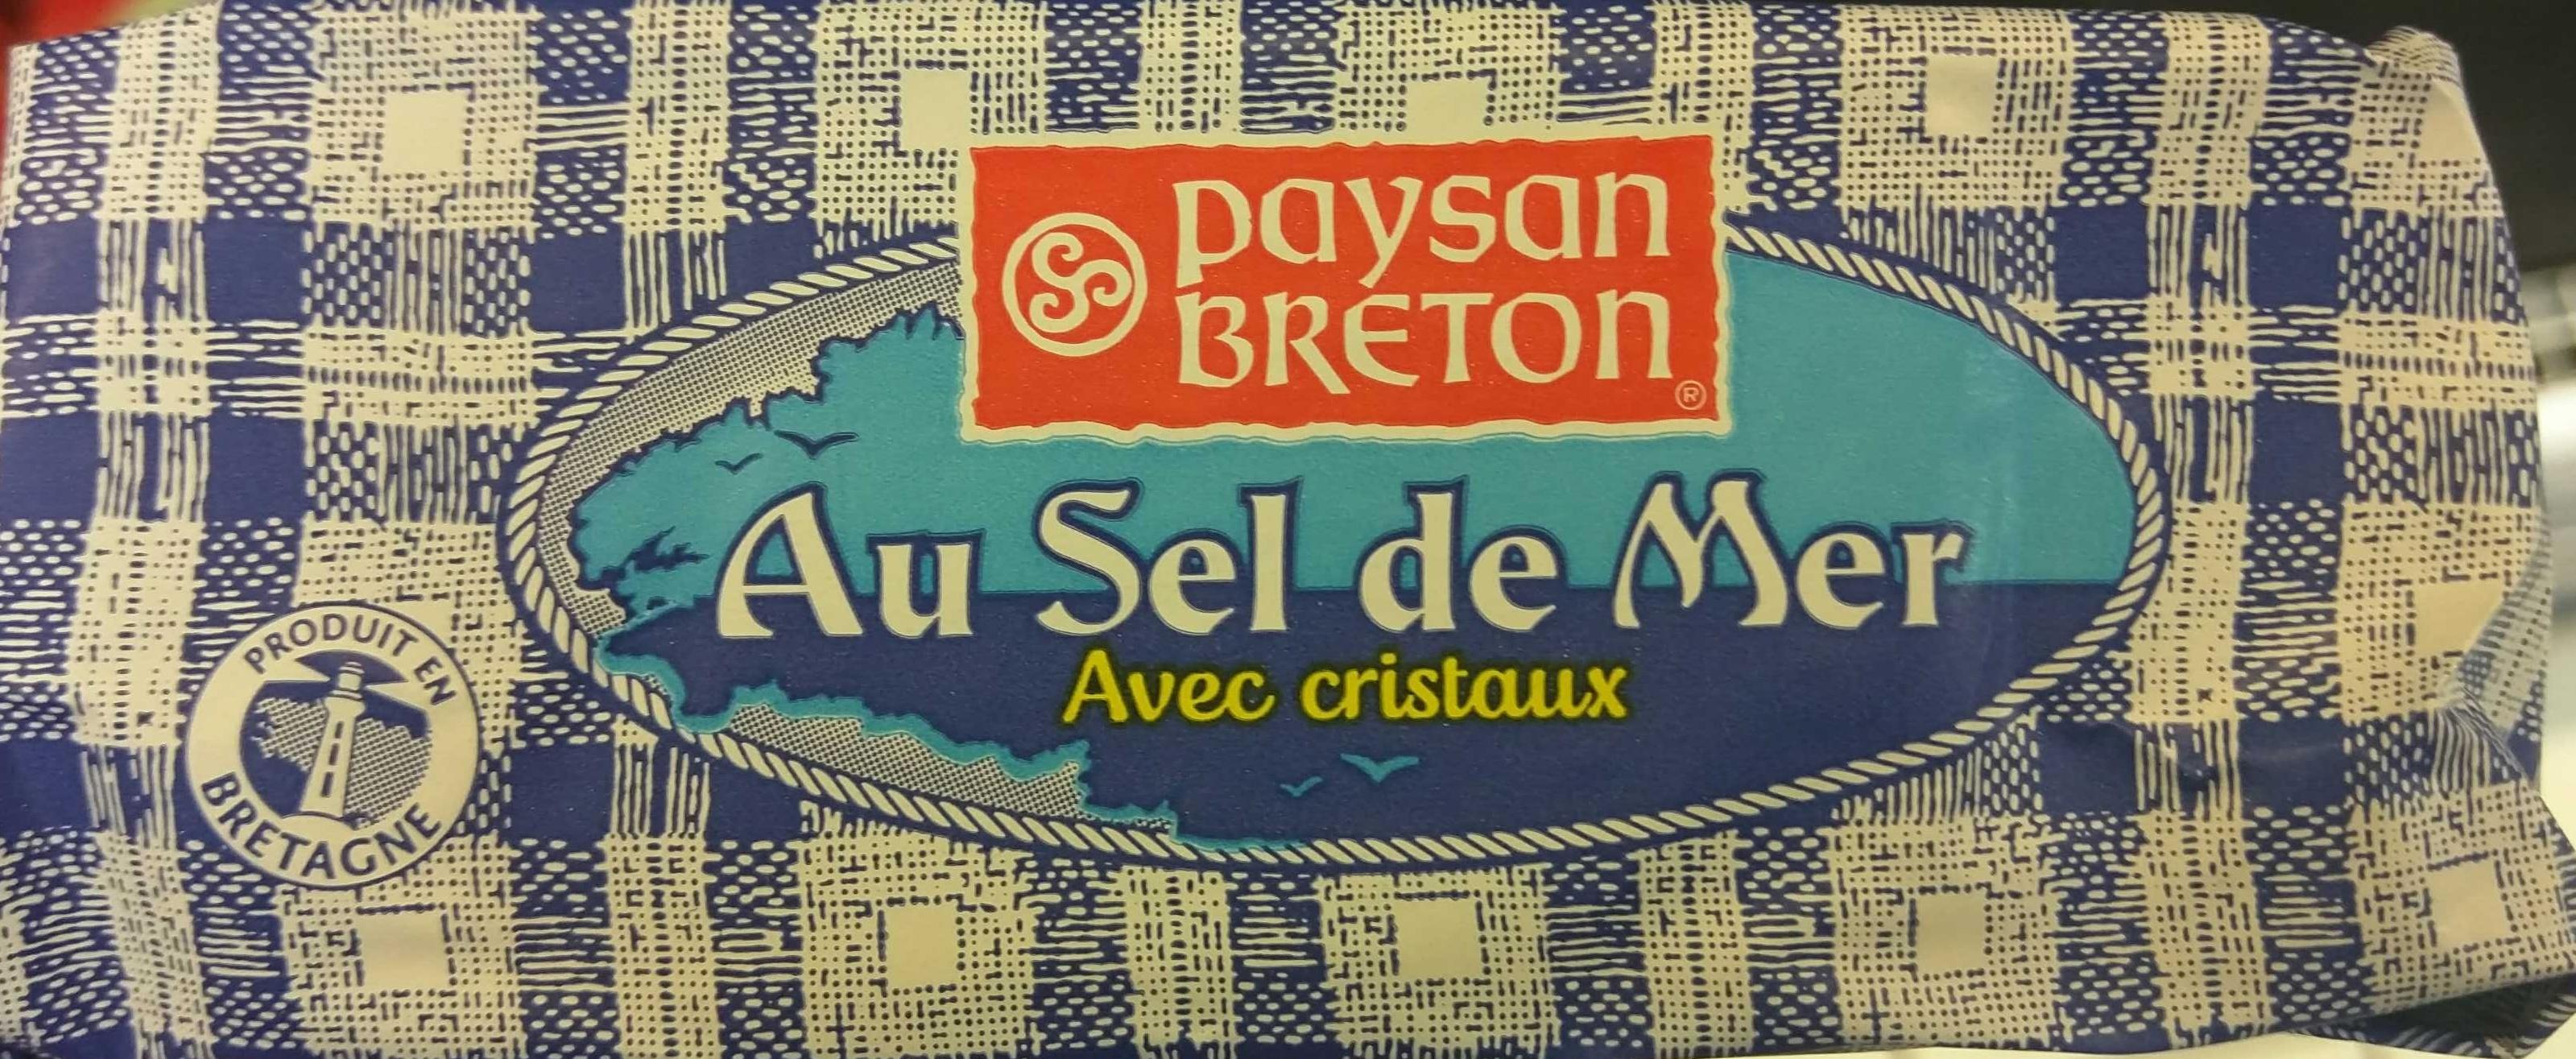 Beurre Moulé Demi-Sel Au Sel de Mer Avec Cristaux - Informations nutritionnelles - fr